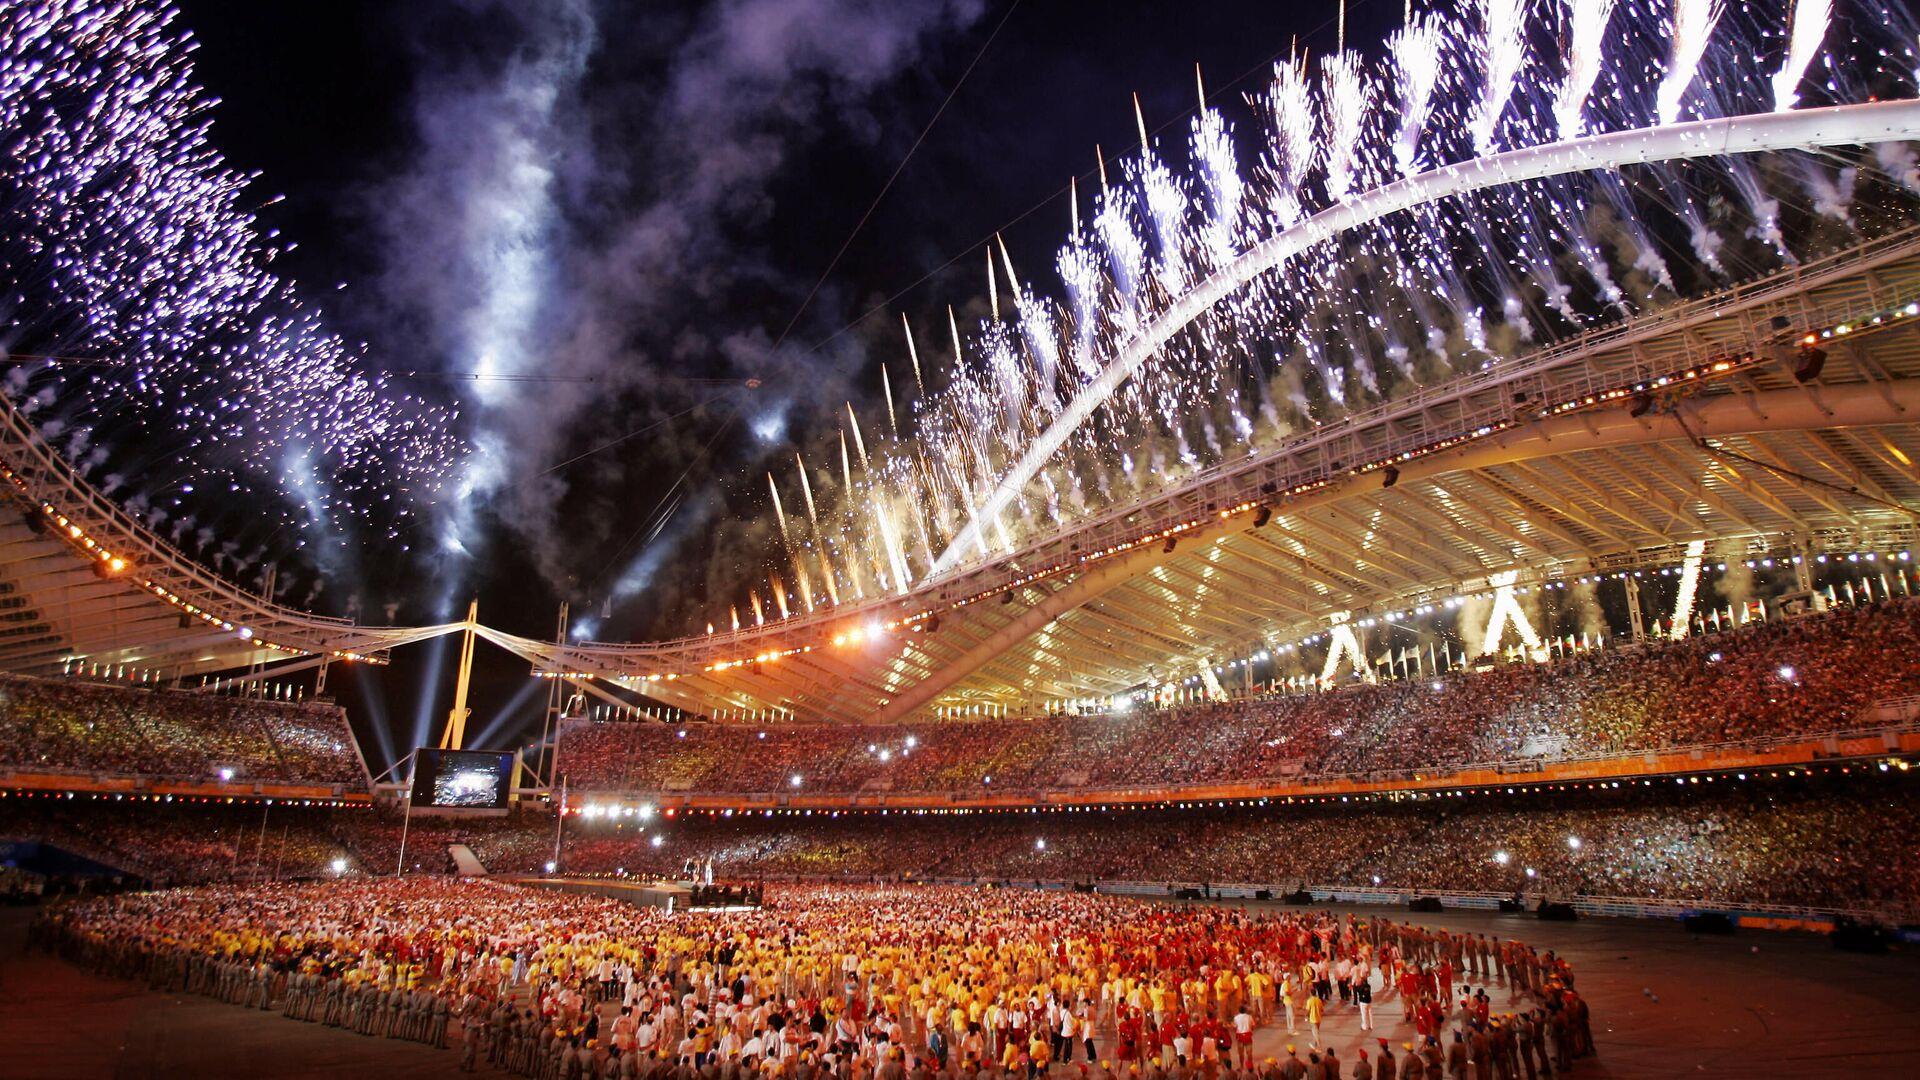 Церемония закрытия Олимпийских игр 2004 года в Афинах - РИА Новости, 1920, 05.08.2021